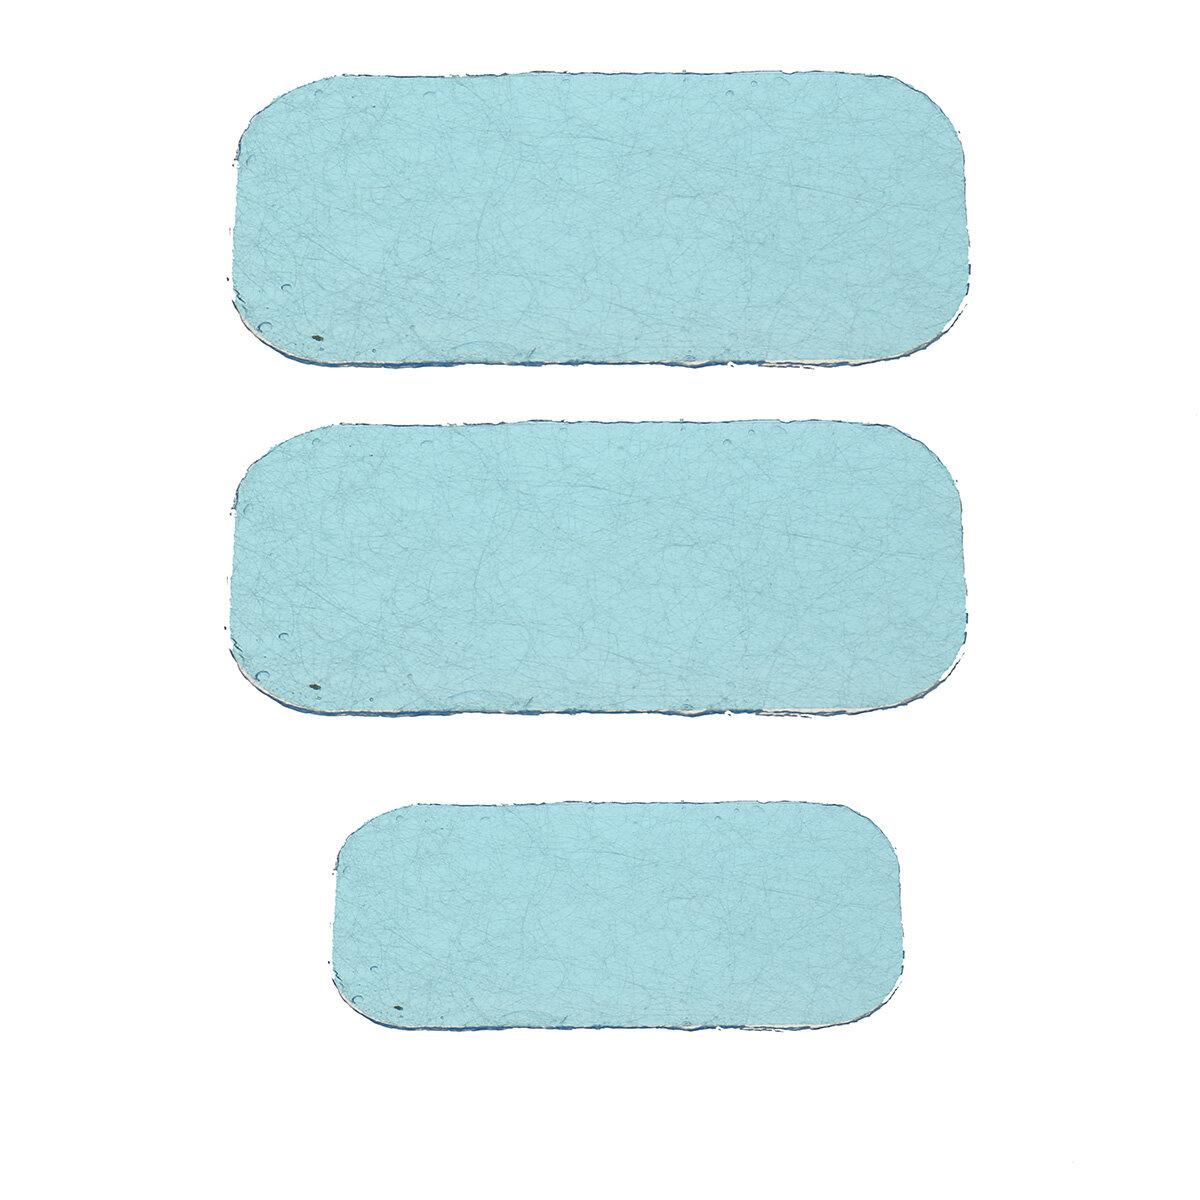 KALOAD Hydrogel à usage général Pad Fitness EMS Entraîneur de hanche abdominale Stimulateur de muscle Gel Stickers Remplacement de patch